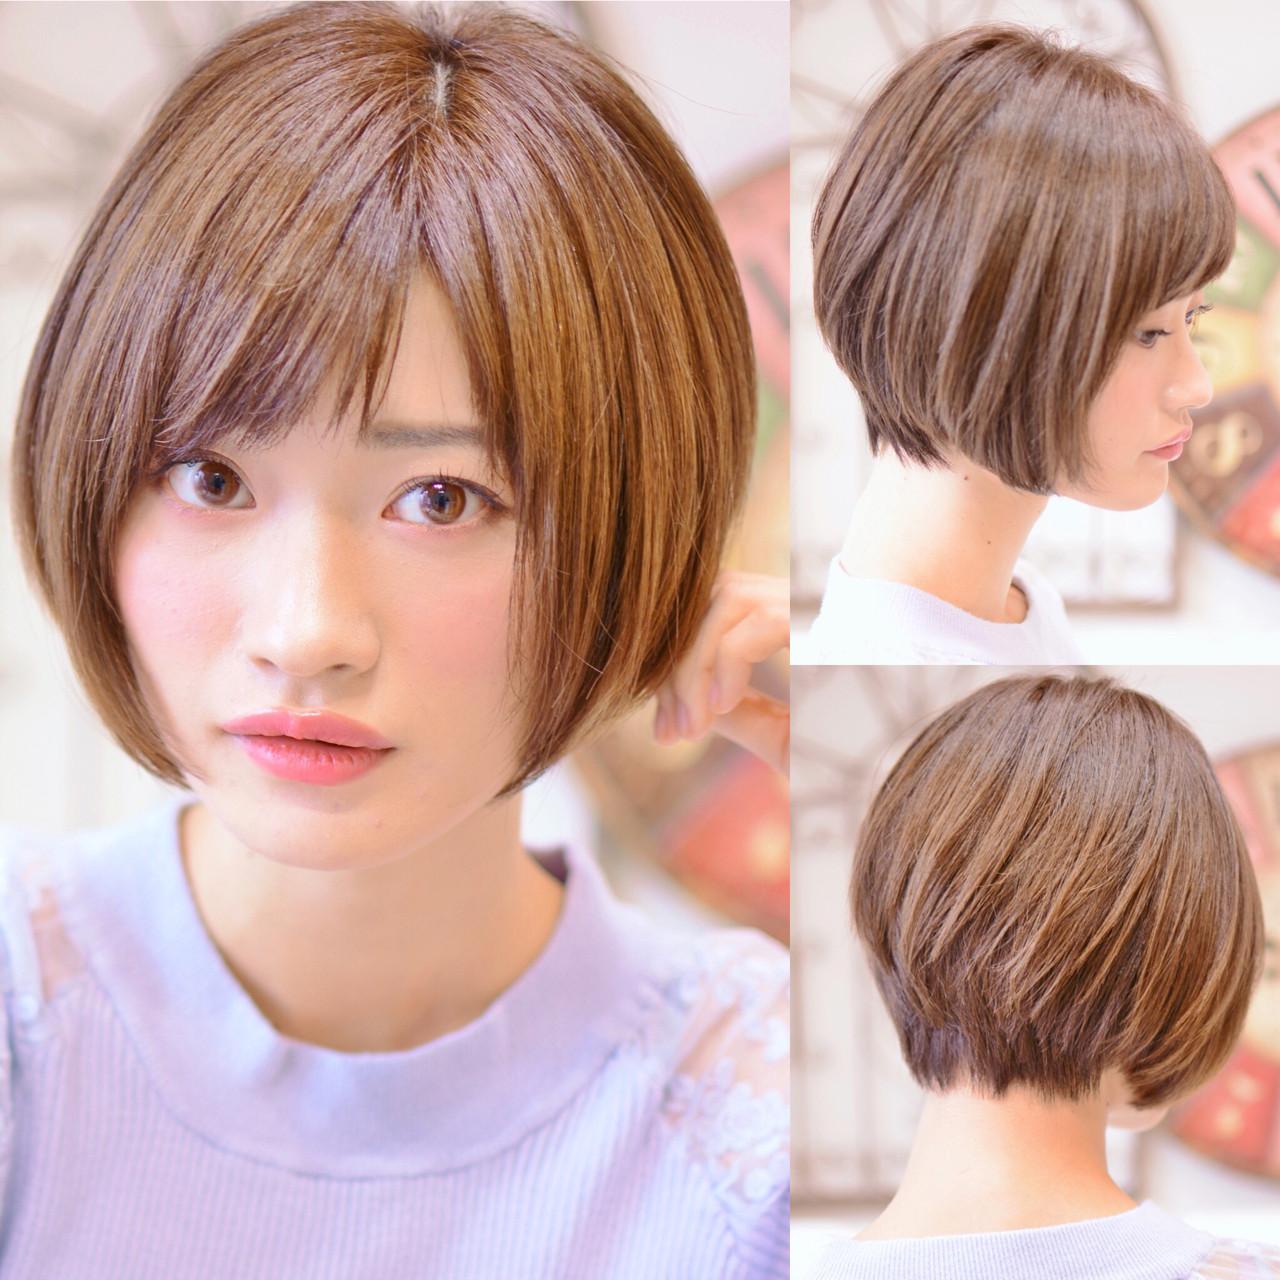 前下がり ショート ナチュラル ショートボブ ヘアスタイルや髪型の写真・画像 | Shiko Kajihara / メイズ